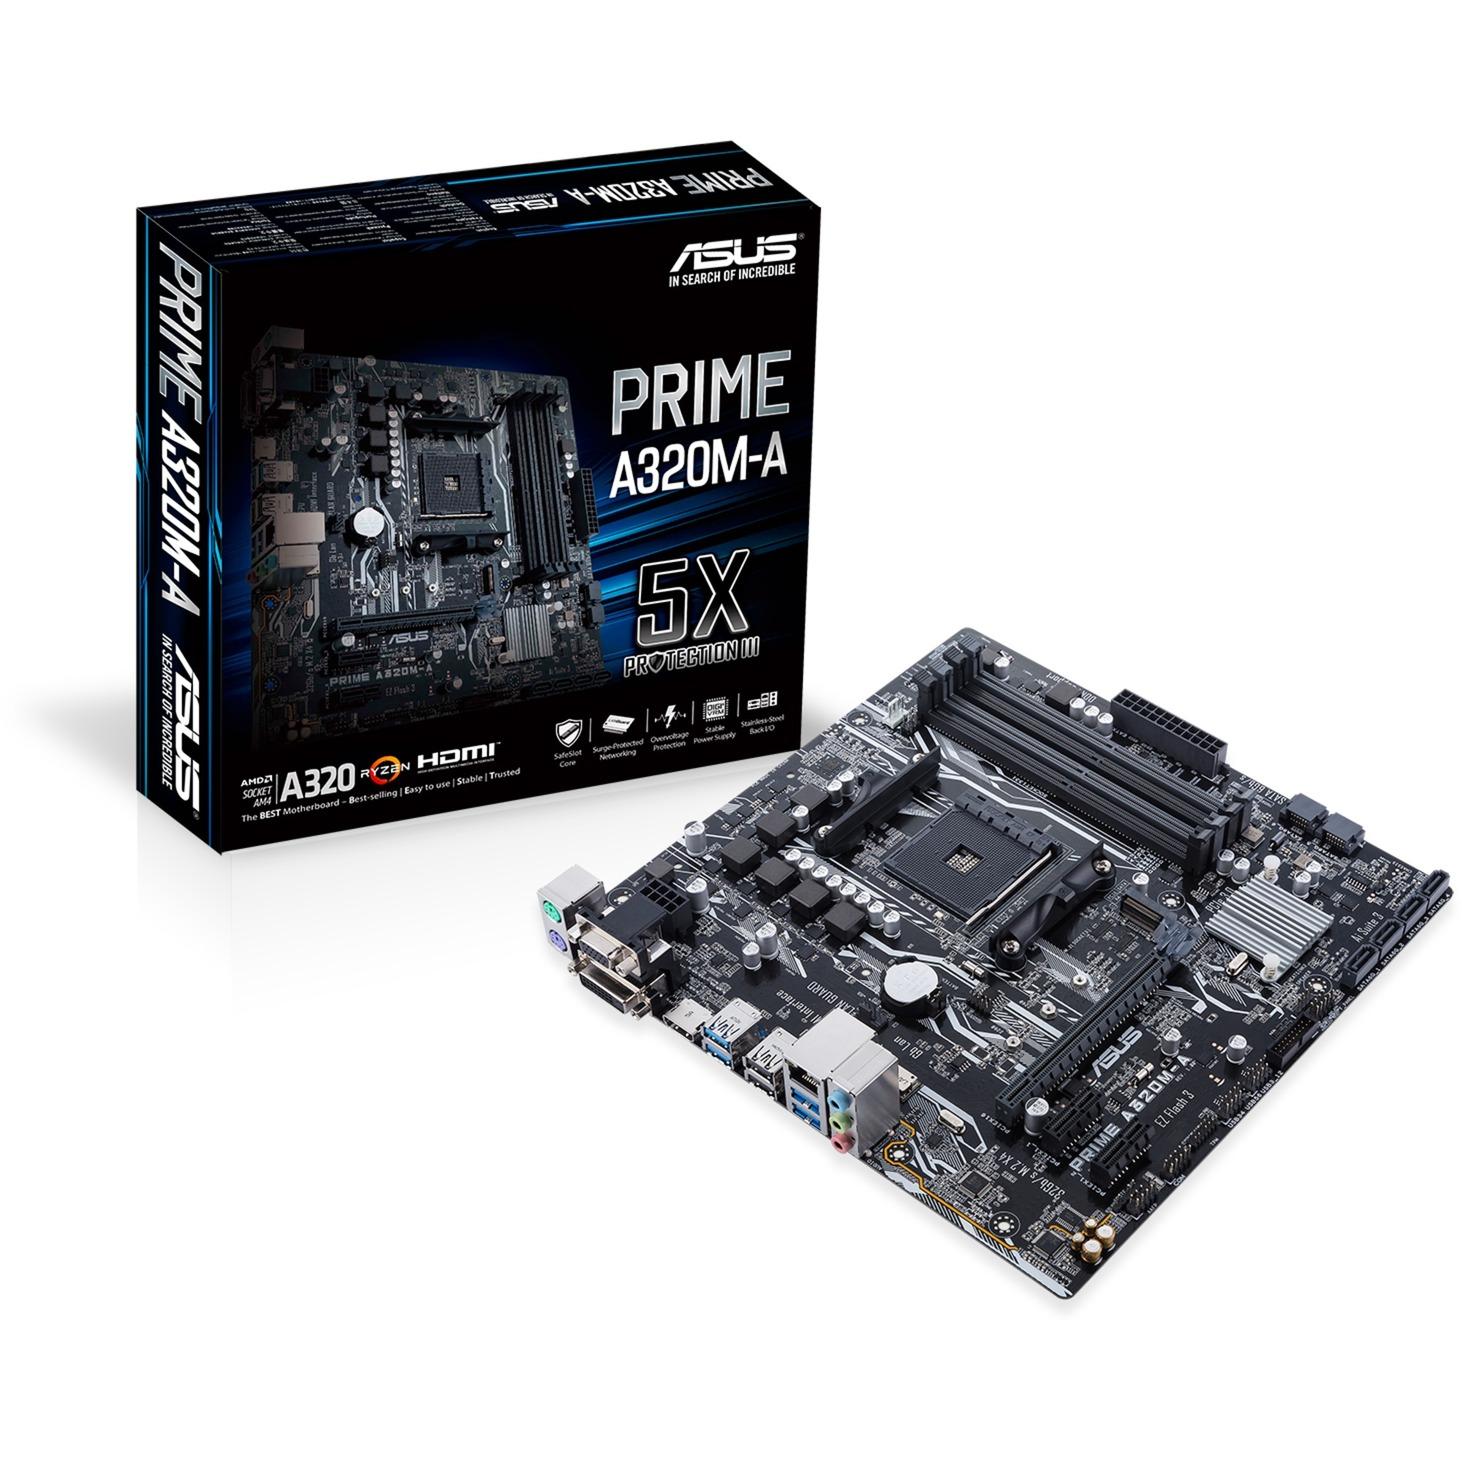 PRIME A320M-A AMD A320 Socket AM4 microATX carte mère